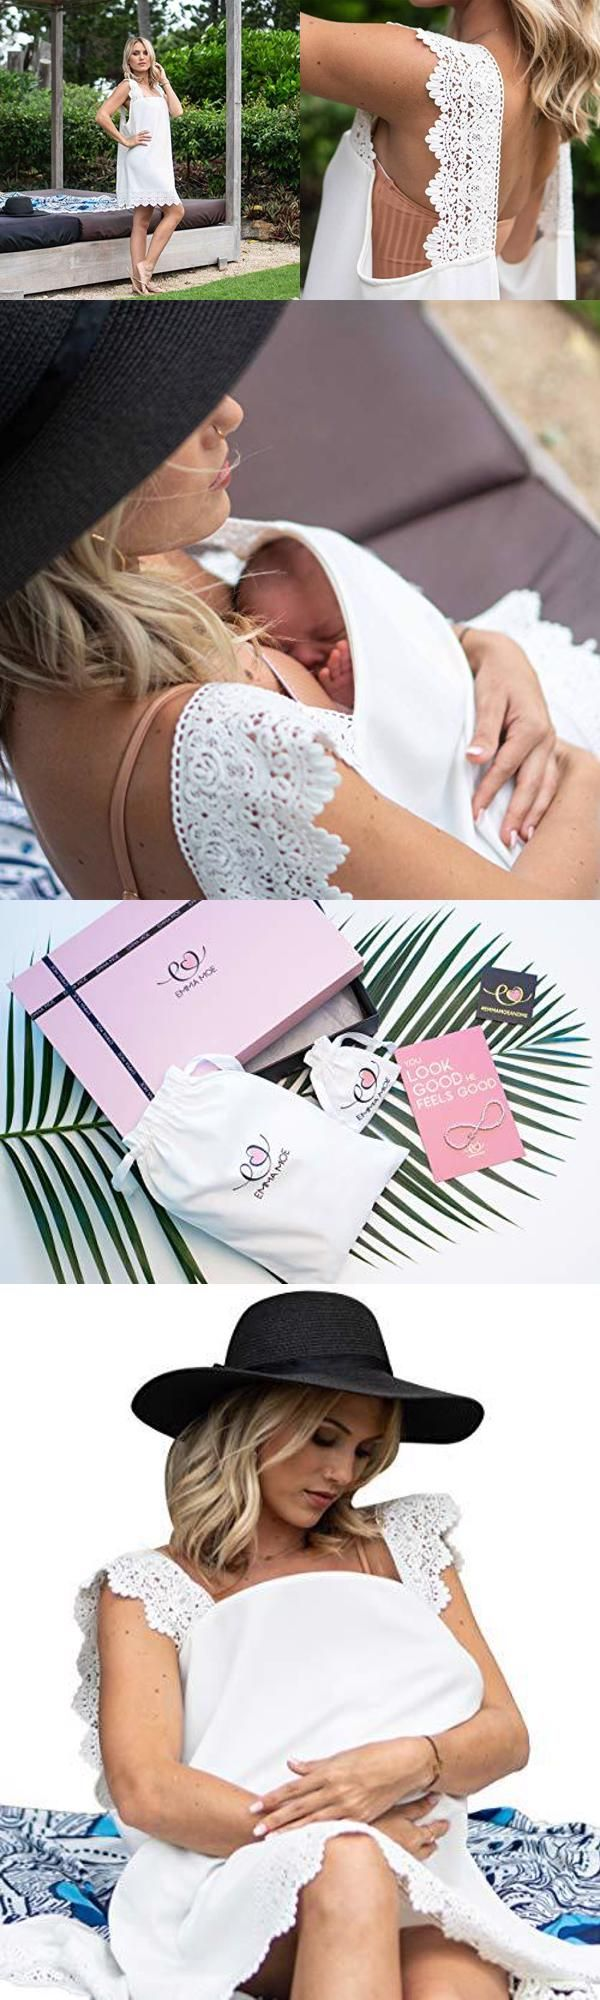 Emma Moe Premium Trendy Nursing Cover Omomashop In 2020 Nursing Cover Breastfeeding Cover Trendy Nursing